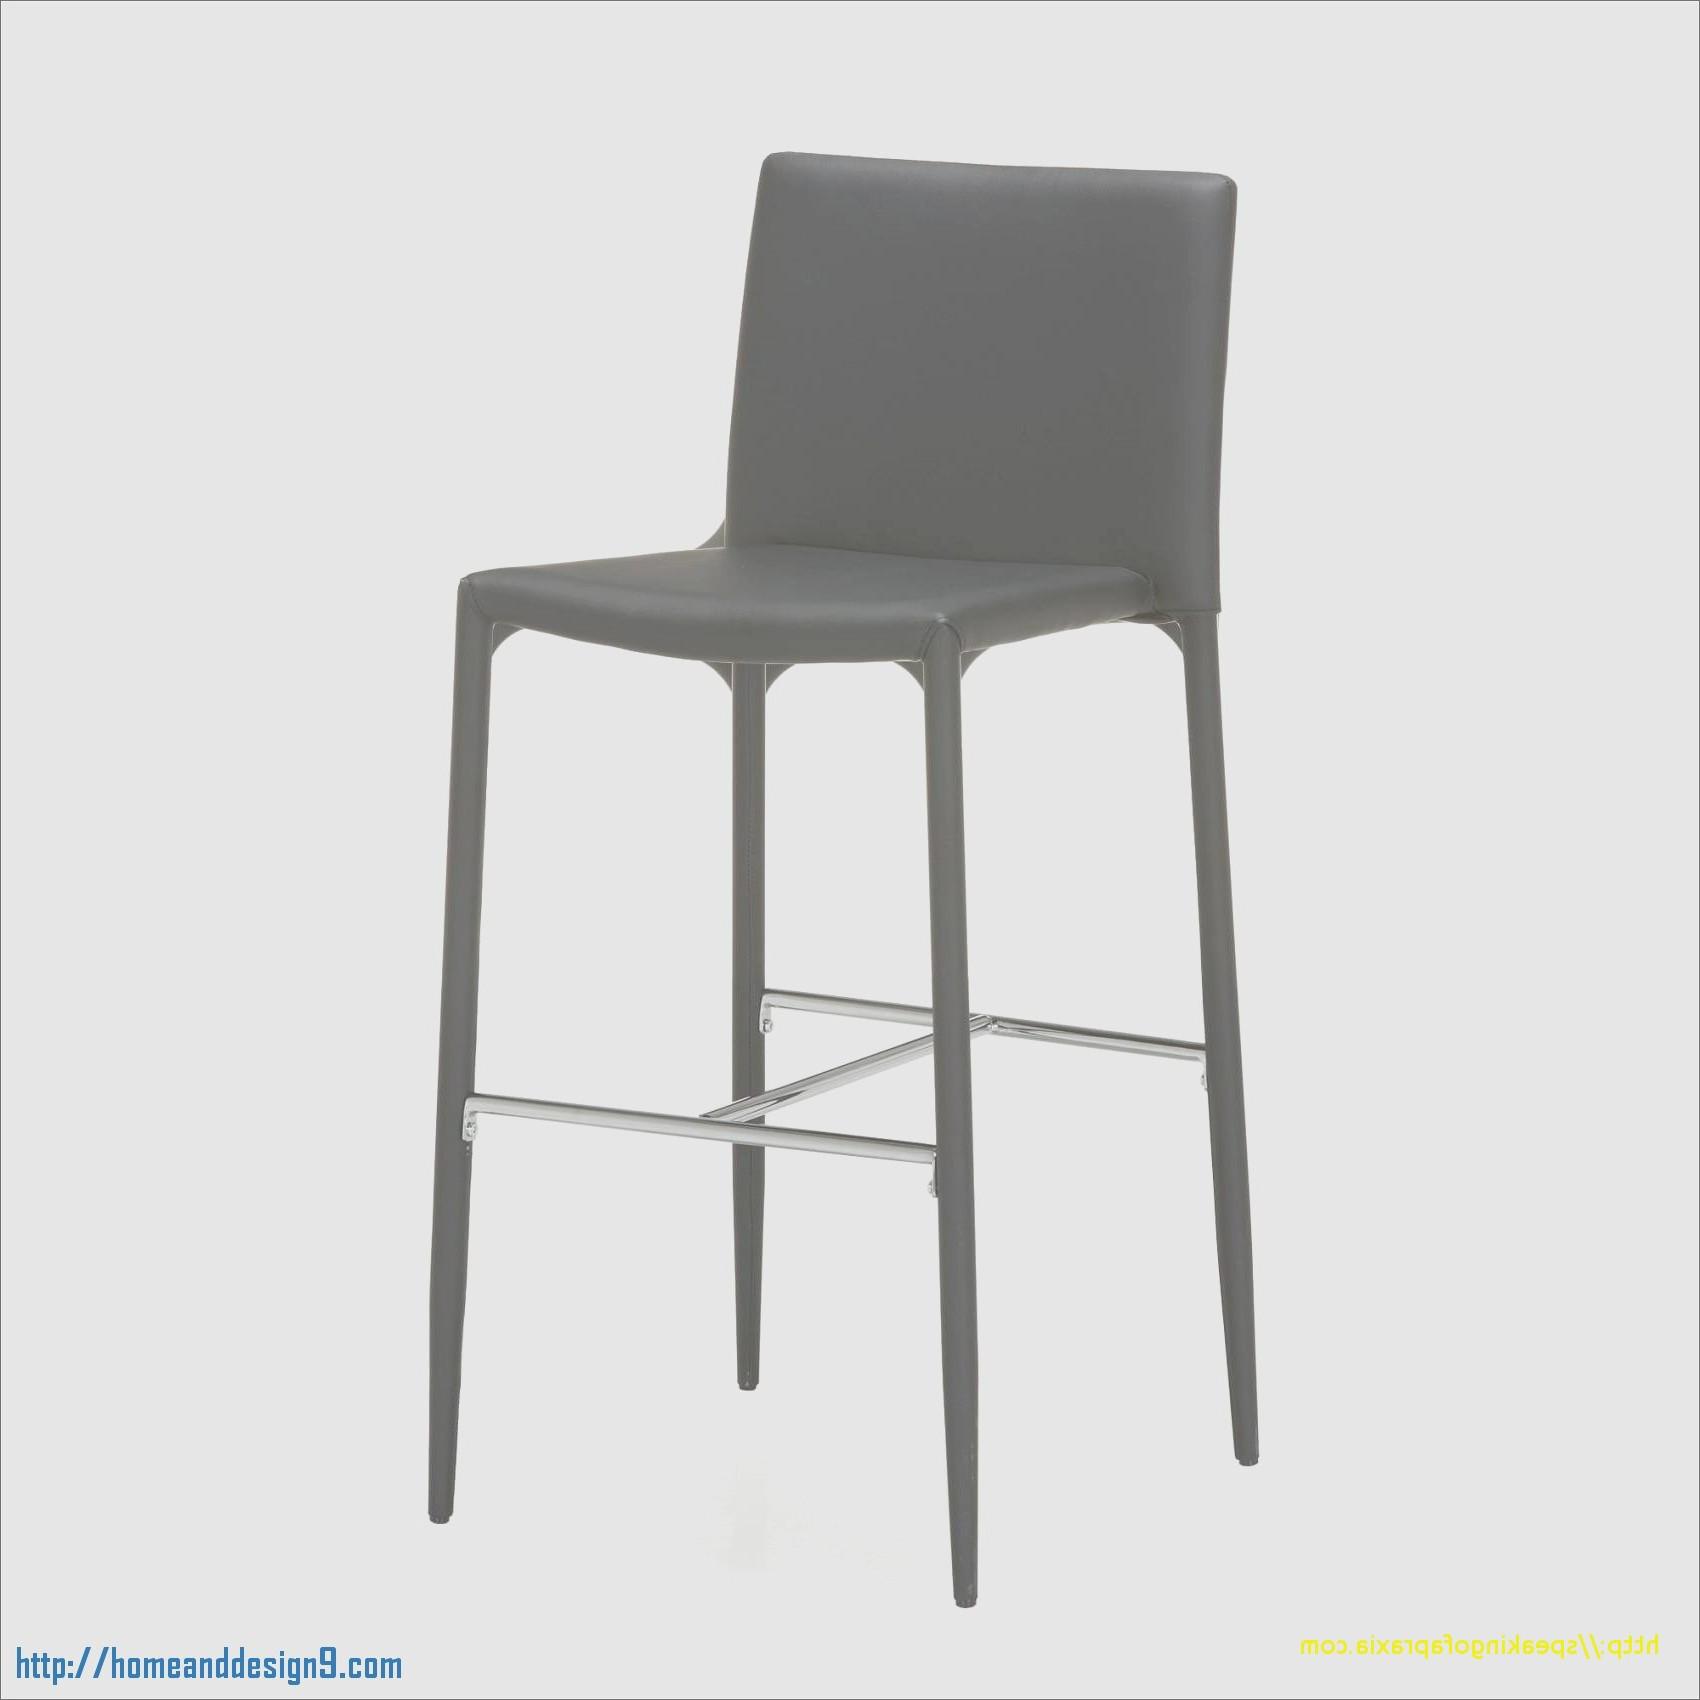 chaise avignon maison du monde maison et. Black Bedroom Furniture Sets. Home Design Ideas